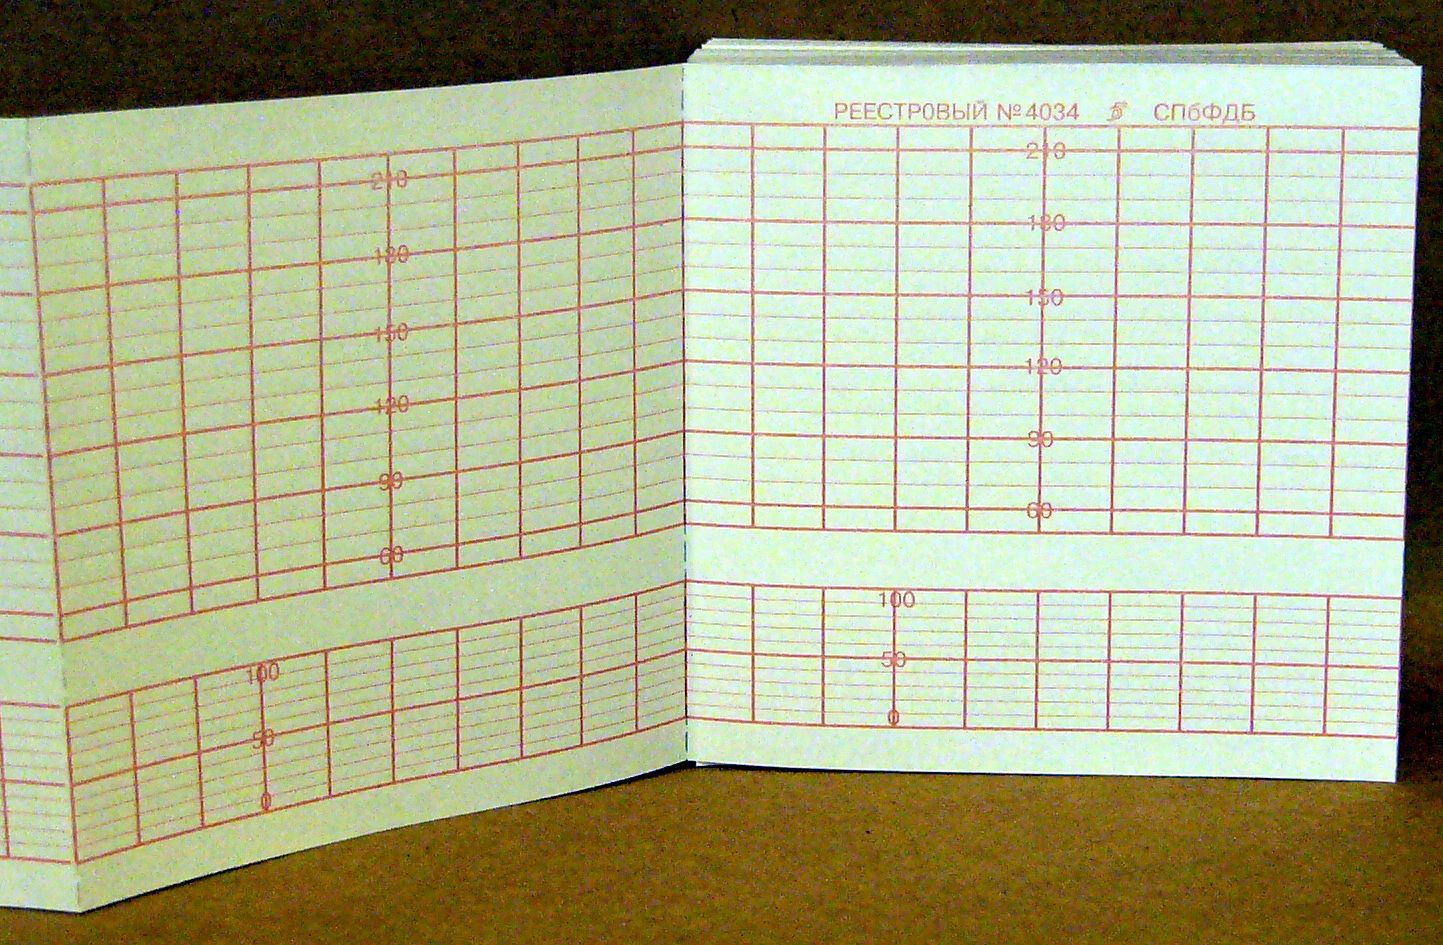 100х100х150, бумага КТГ для FM Wakeling AFM 210, реестр 4034